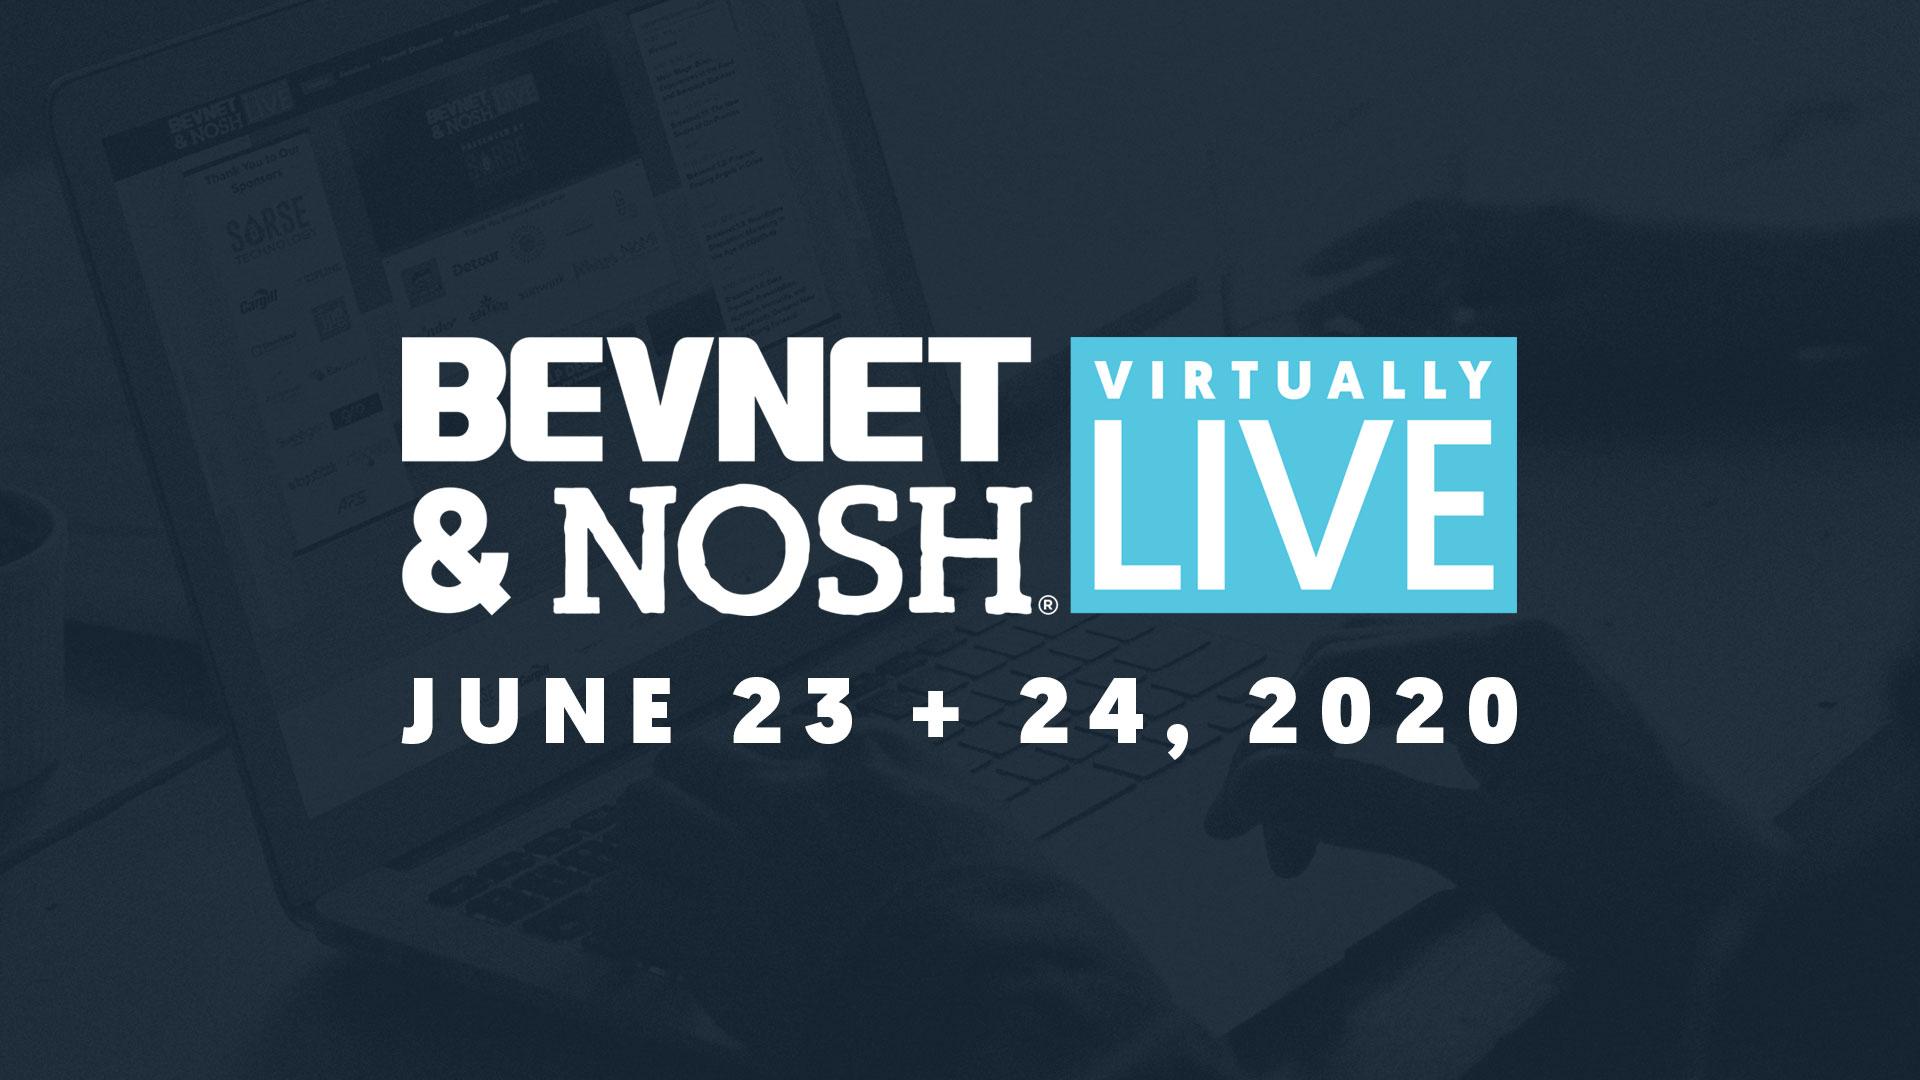 Virtually Live 2020